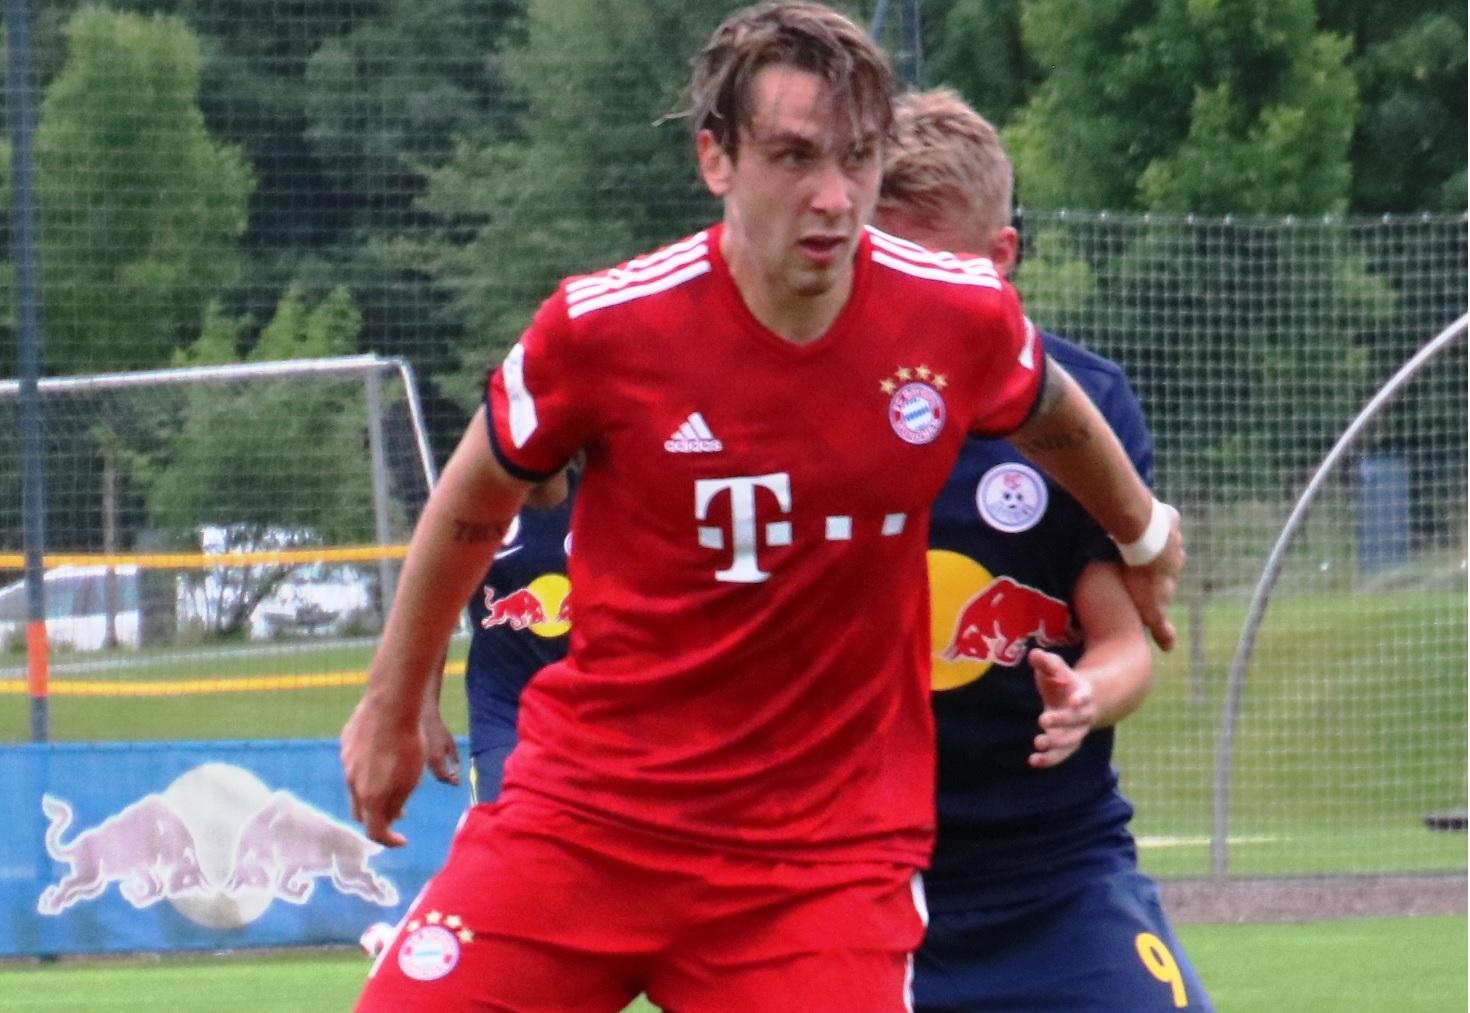 Mediocampista del Bayern interesado en la jugada de Greuther Fürth